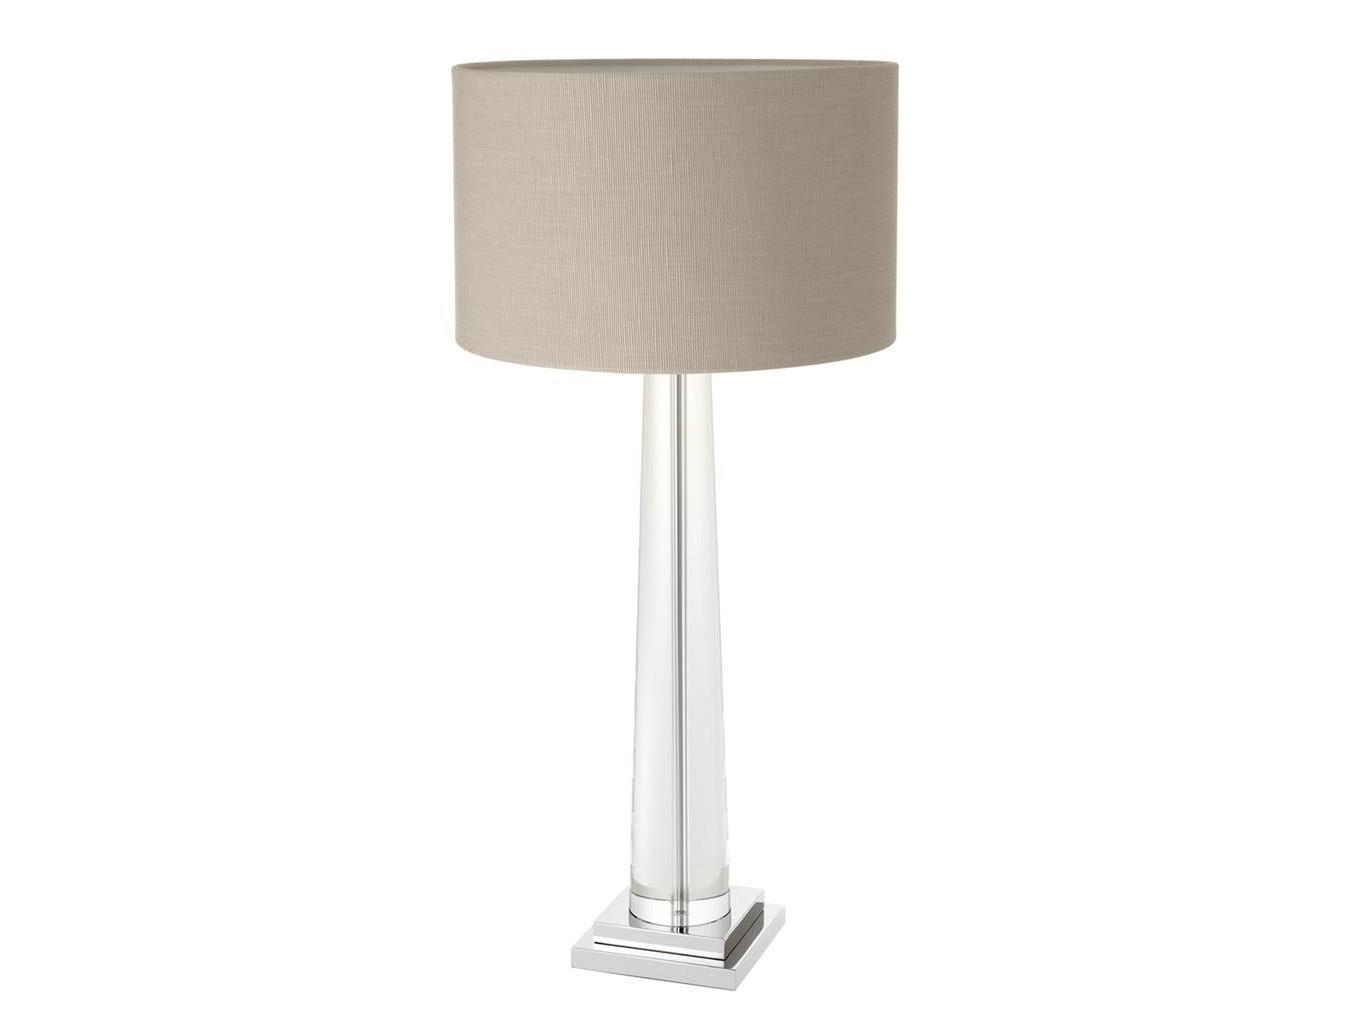 Настольная лампа OasisДекоративные лампы<br>Материал: стекло, металл, текстиль&amp;lt;div&amp;gt;&amp;lt;div&amp;gt;Вид цоколя: E27&amp;lt;/div&amp;gt;&amp;lt;div&amp;gt;Мощность:&amp;amp;nbsp; 60W&amp;lt;/div&amp;gt;&amp;lt;div&amp;gt;Количество ламп: 1 (нет в комплекте)&amp;lt;/div&amp;gt;&amp;lt;/div&amp;gt;<br><br>Material: Текстиль<br>Ширина см: 48.0<br>Высота см: 103.0<br>Глубина см: 48.0